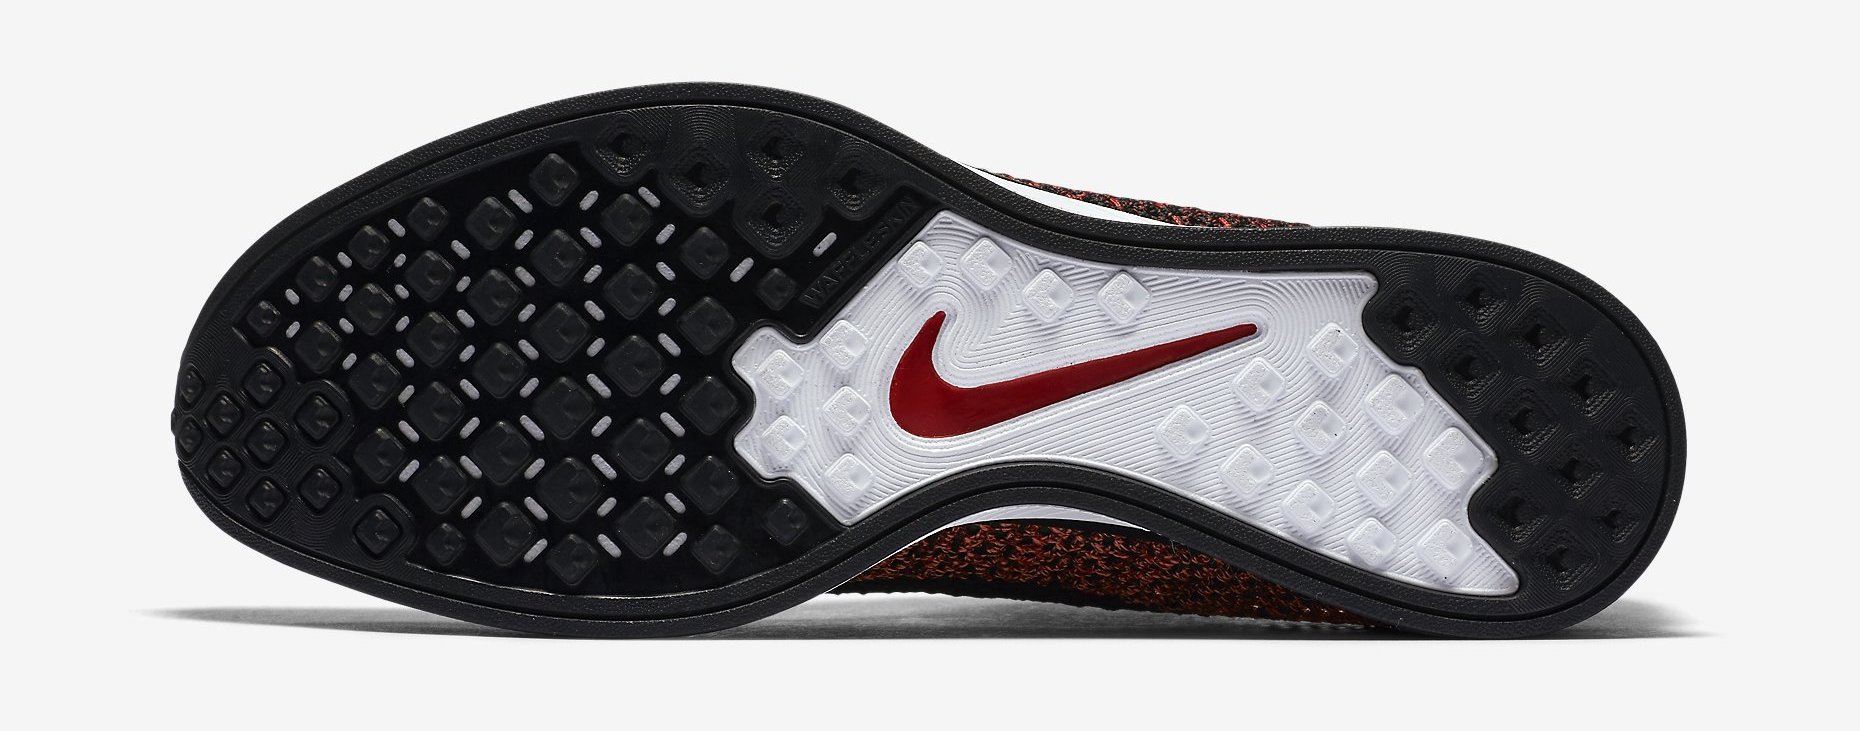 4b0d4f7d8873 Nike Flyknit Racer